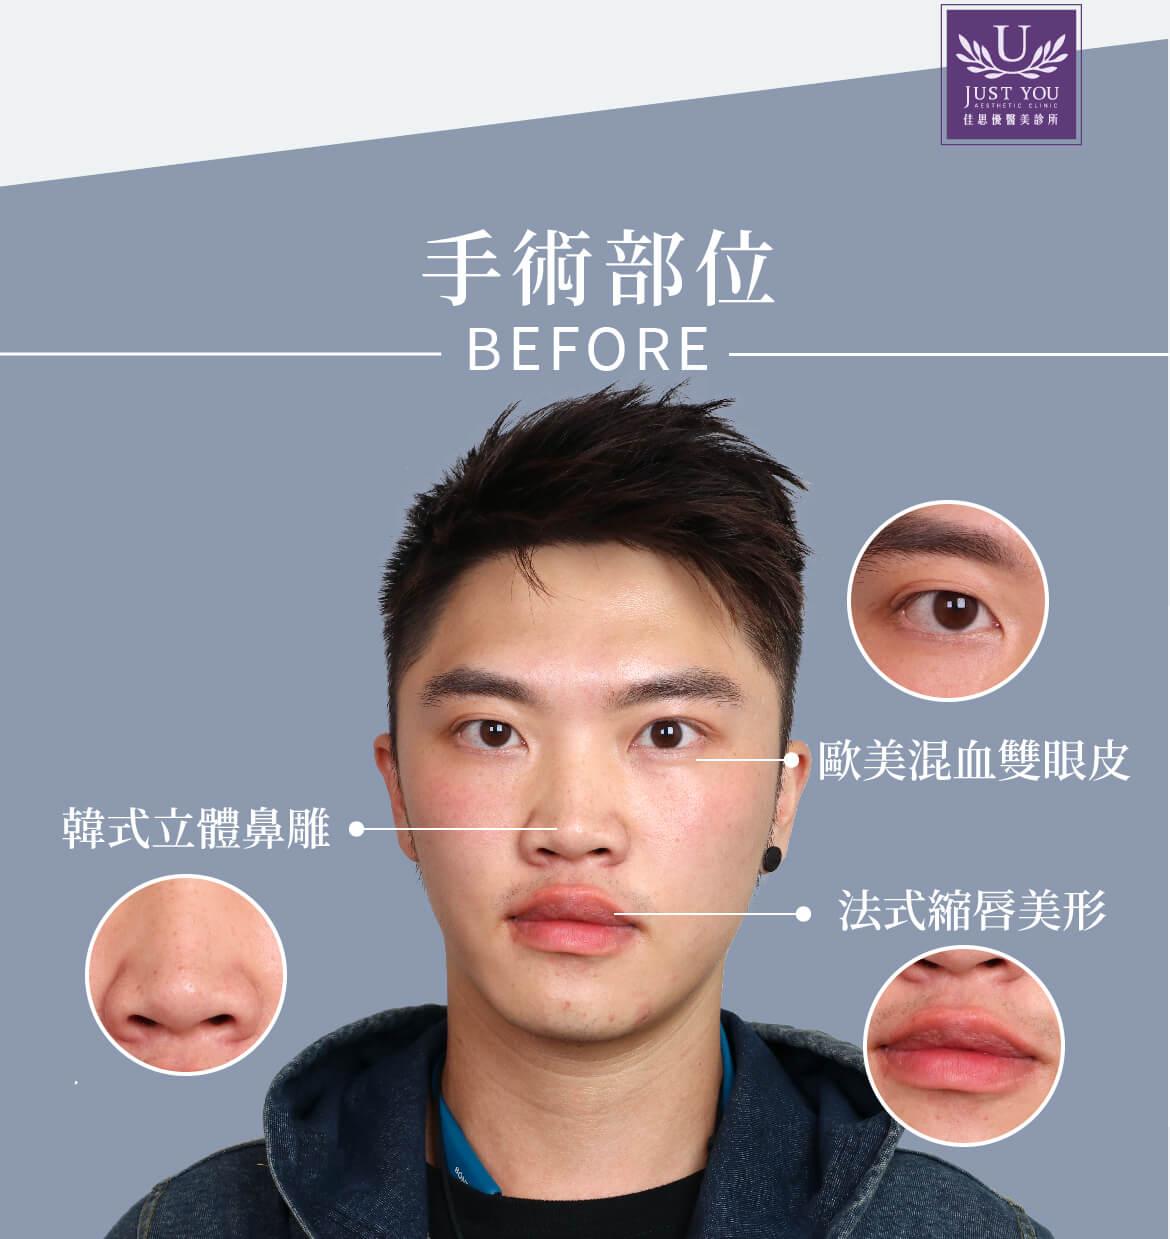 隆鼻手術部位